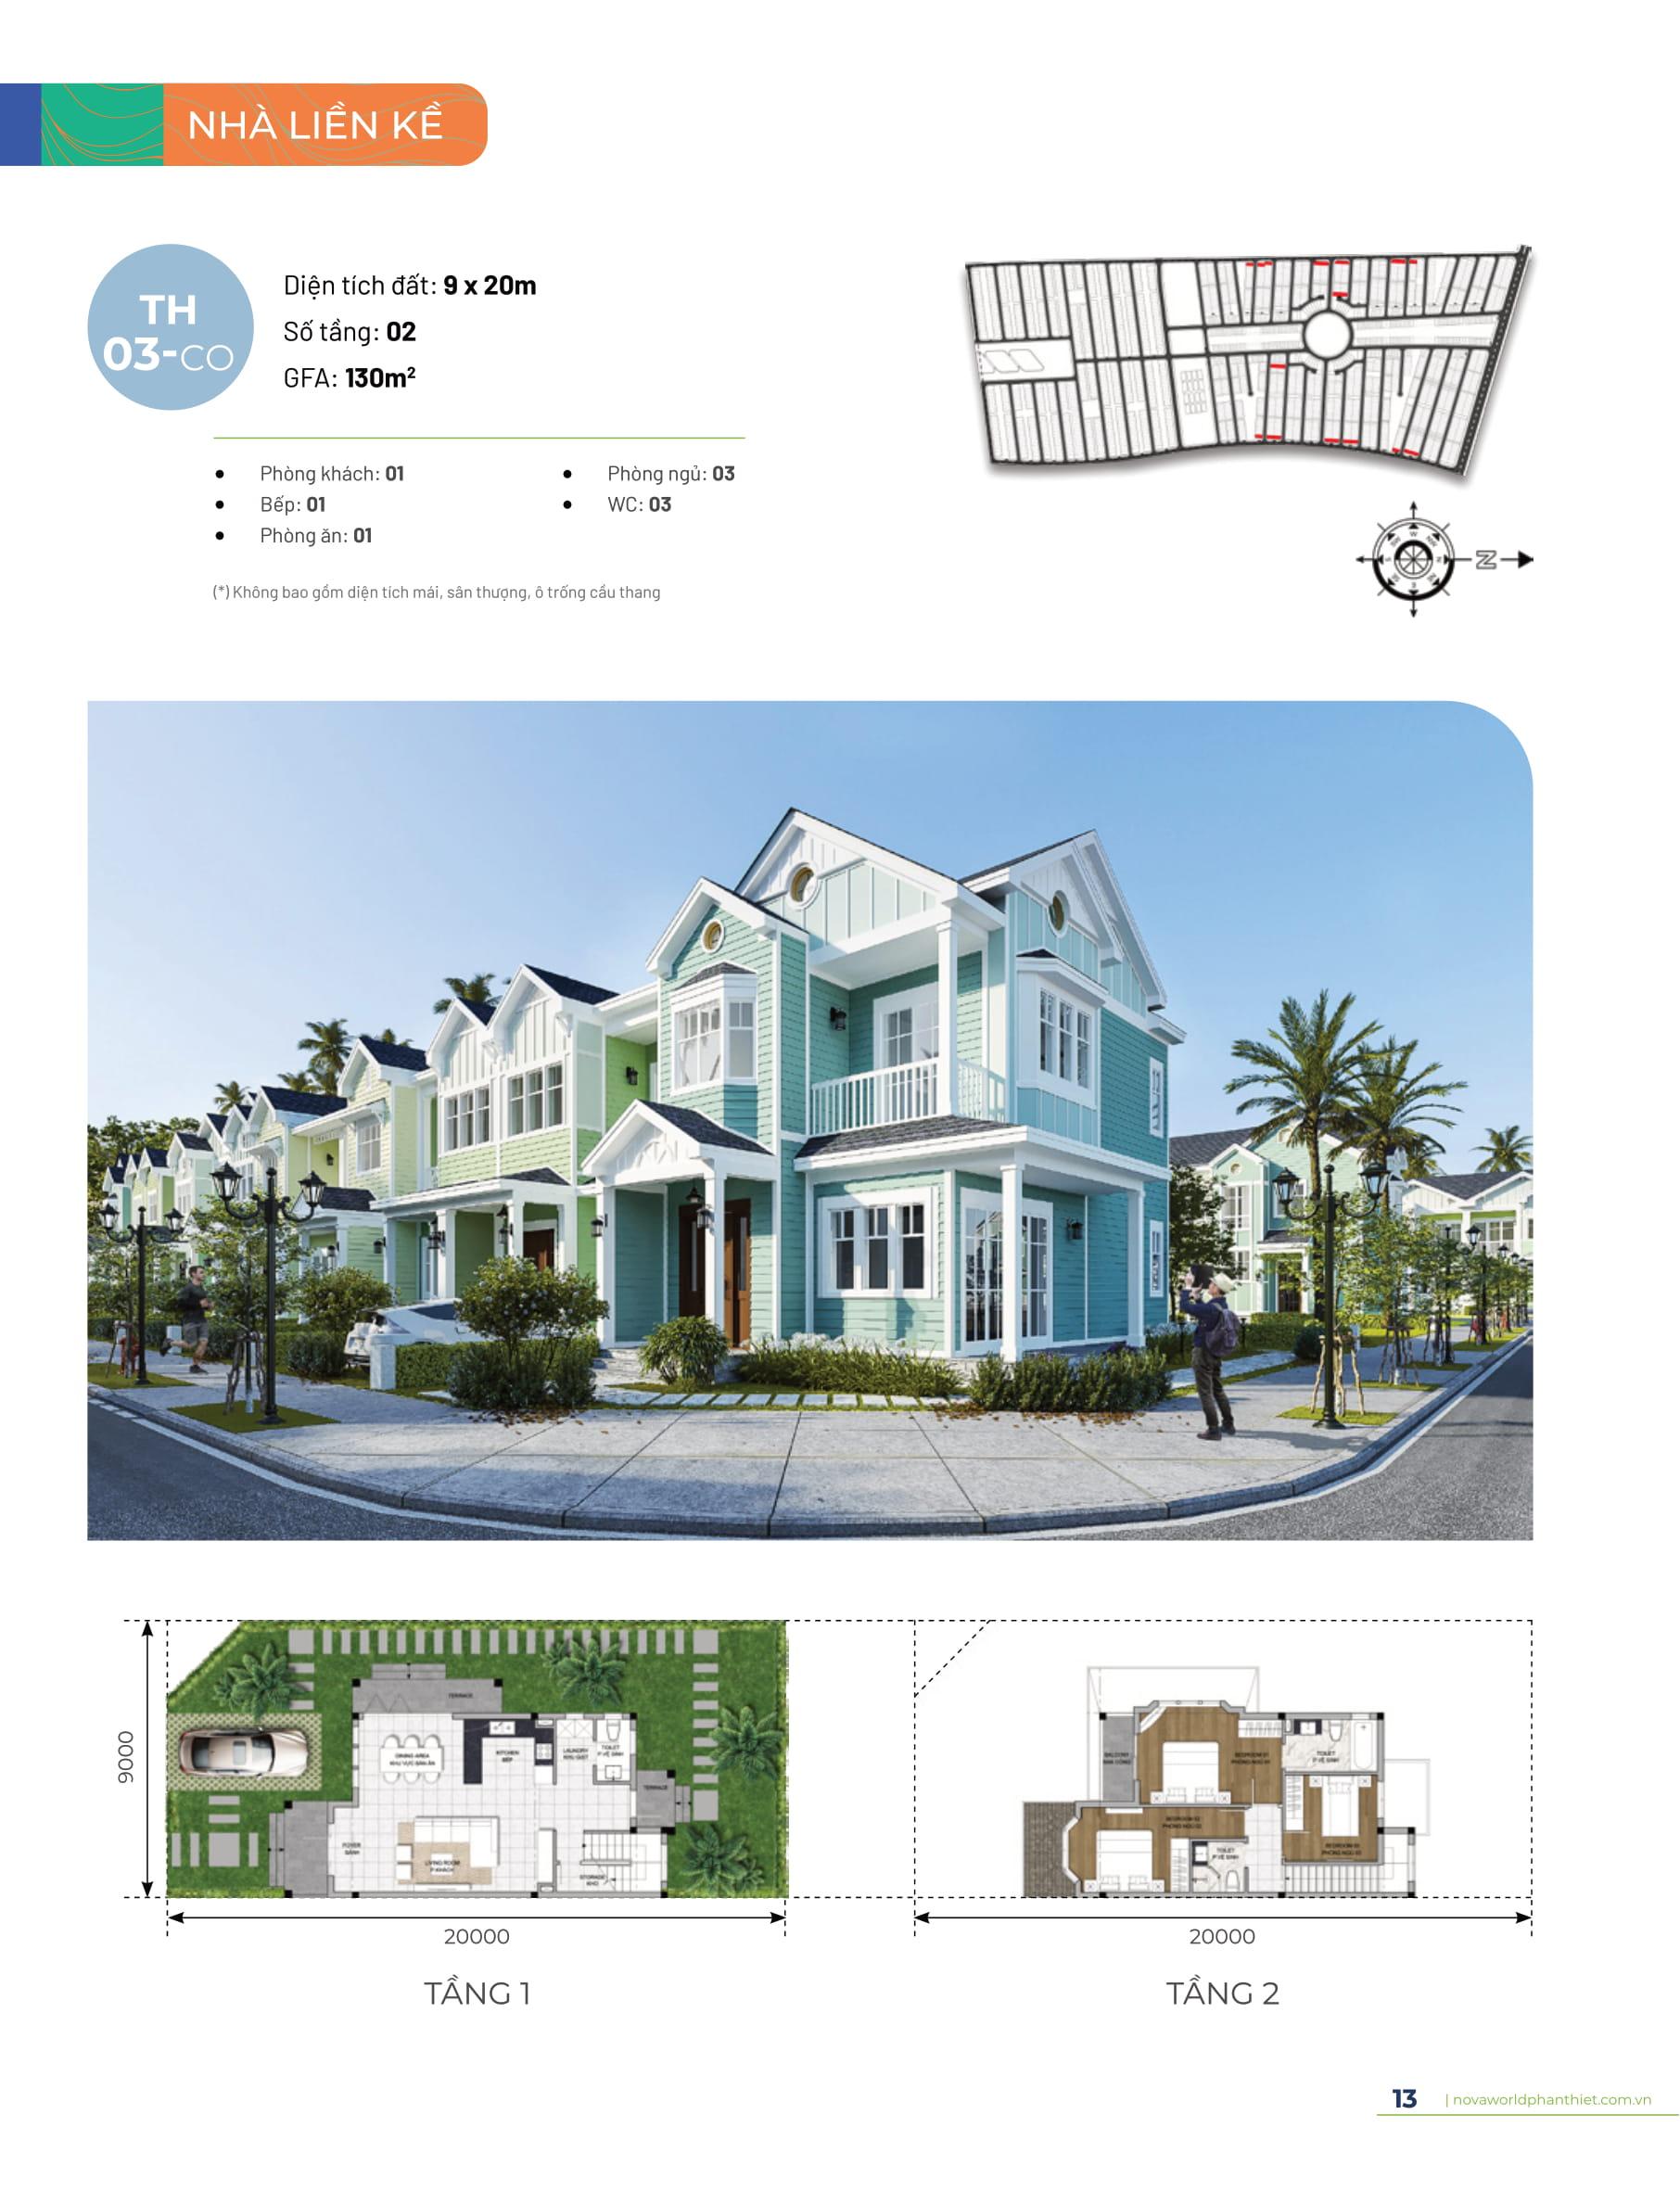 mb-nwp-plans-4b-210820-12